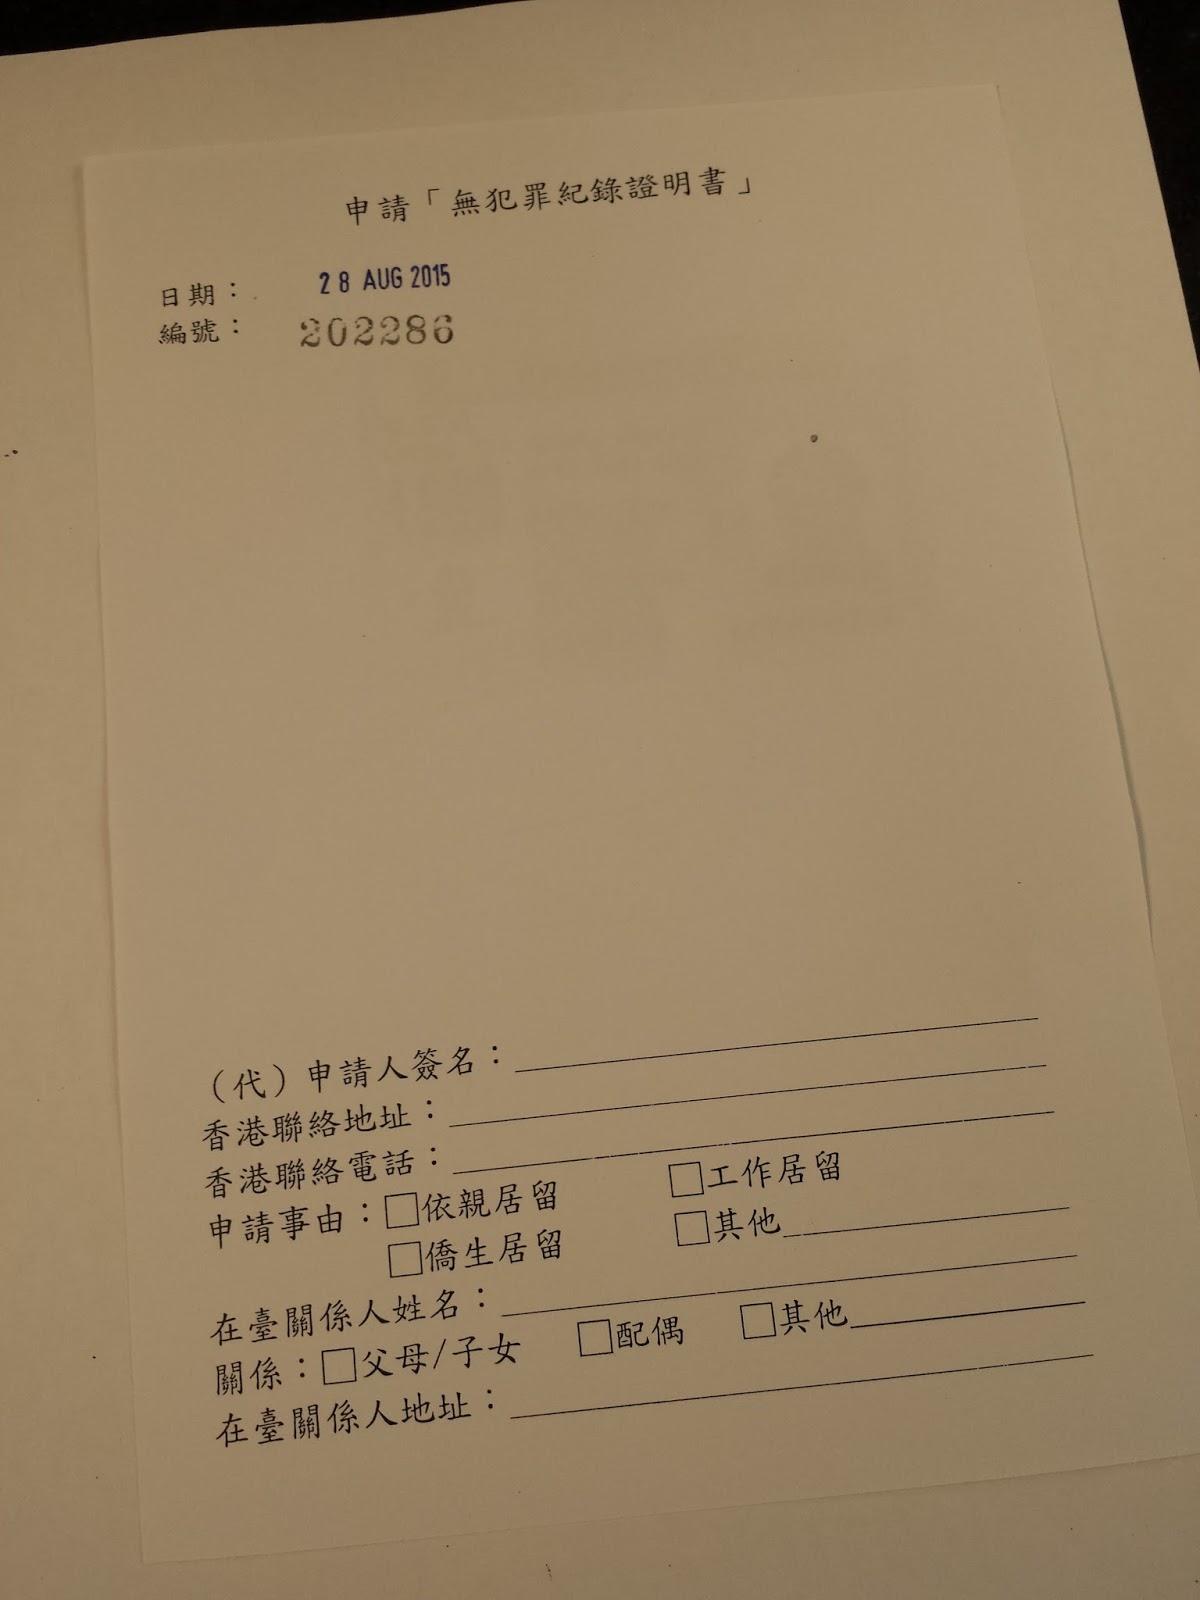 香港人的臺灣故事: 臺灣居留手續:如何申請良民證